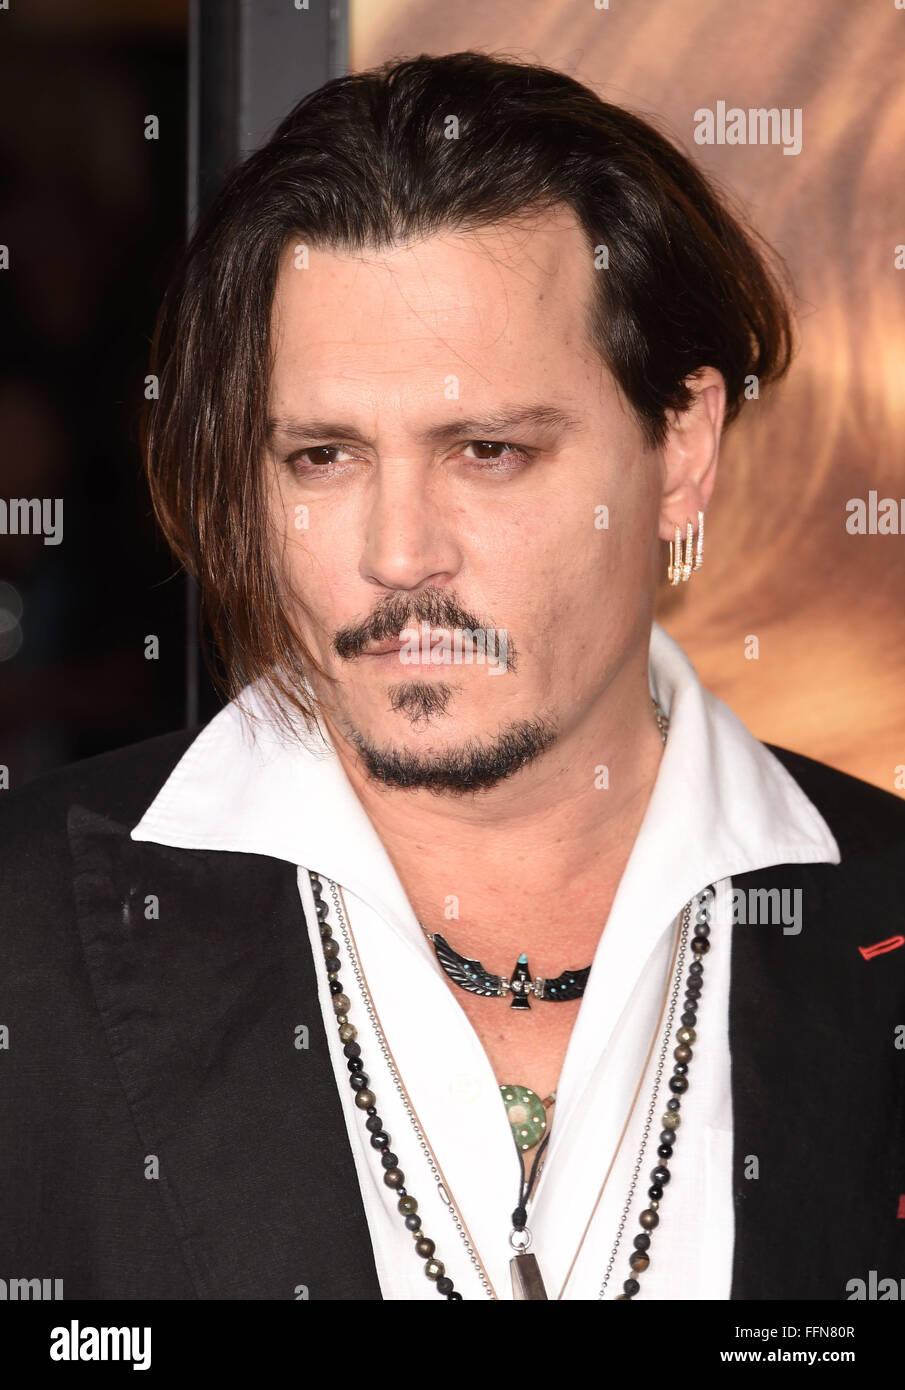 L'acteur Johnny Depp arrive à la première Édition De Focus Features « The Danish Girl » au Westwood Village Theatre le 21 novembre 2015 à Westwood, en Californie. Banque D'Images